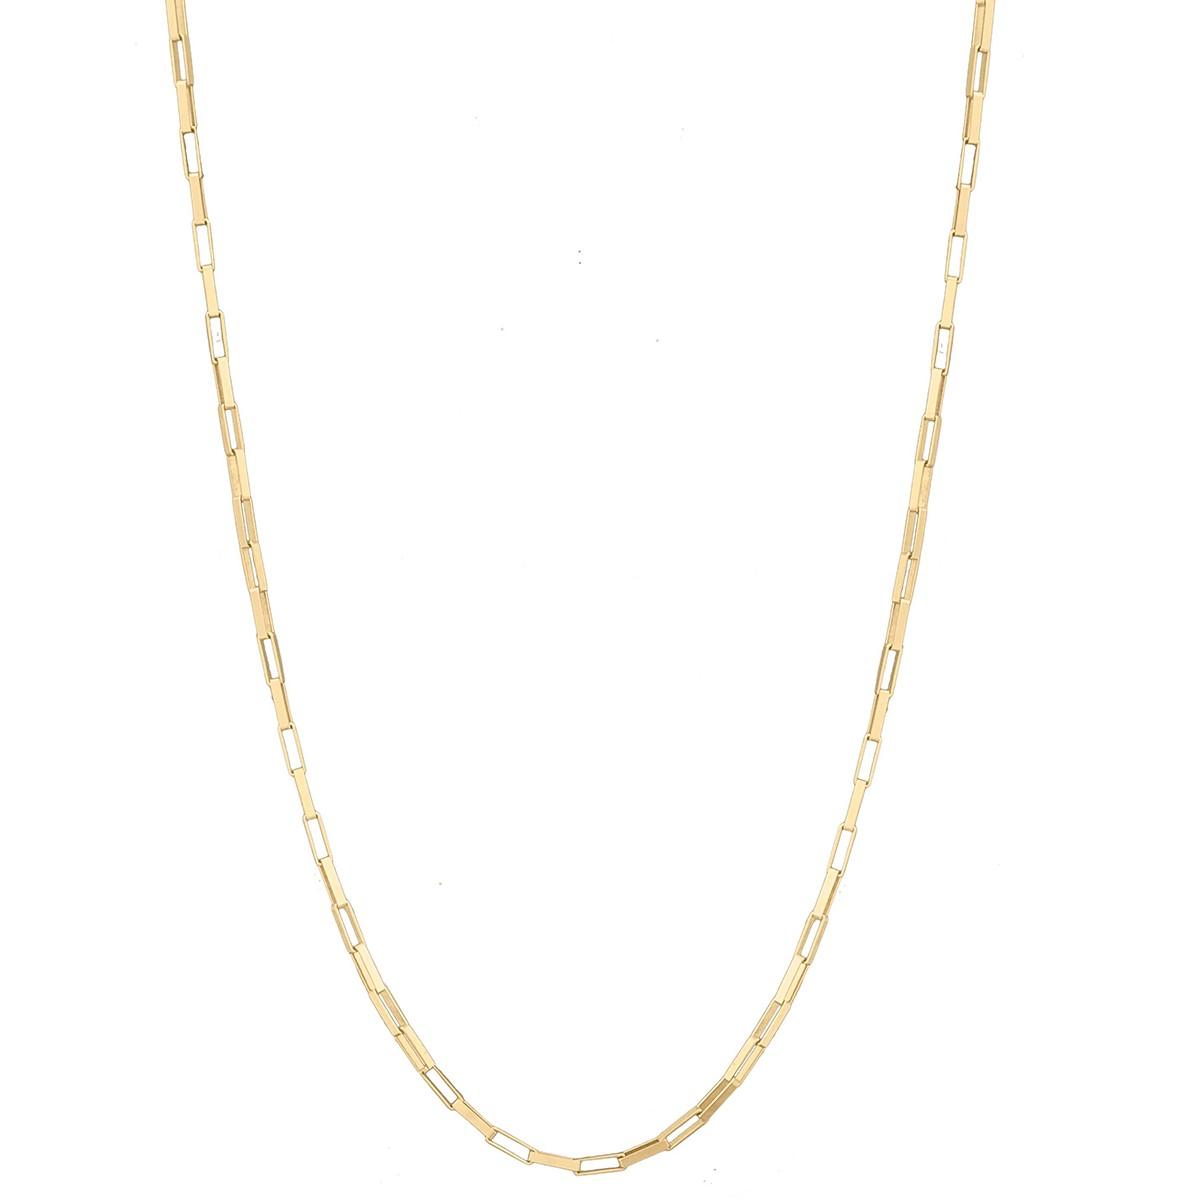 Cordão Corrente Grossa Masculina 60cm 6.3g Ouro 18k 750 Cadeado